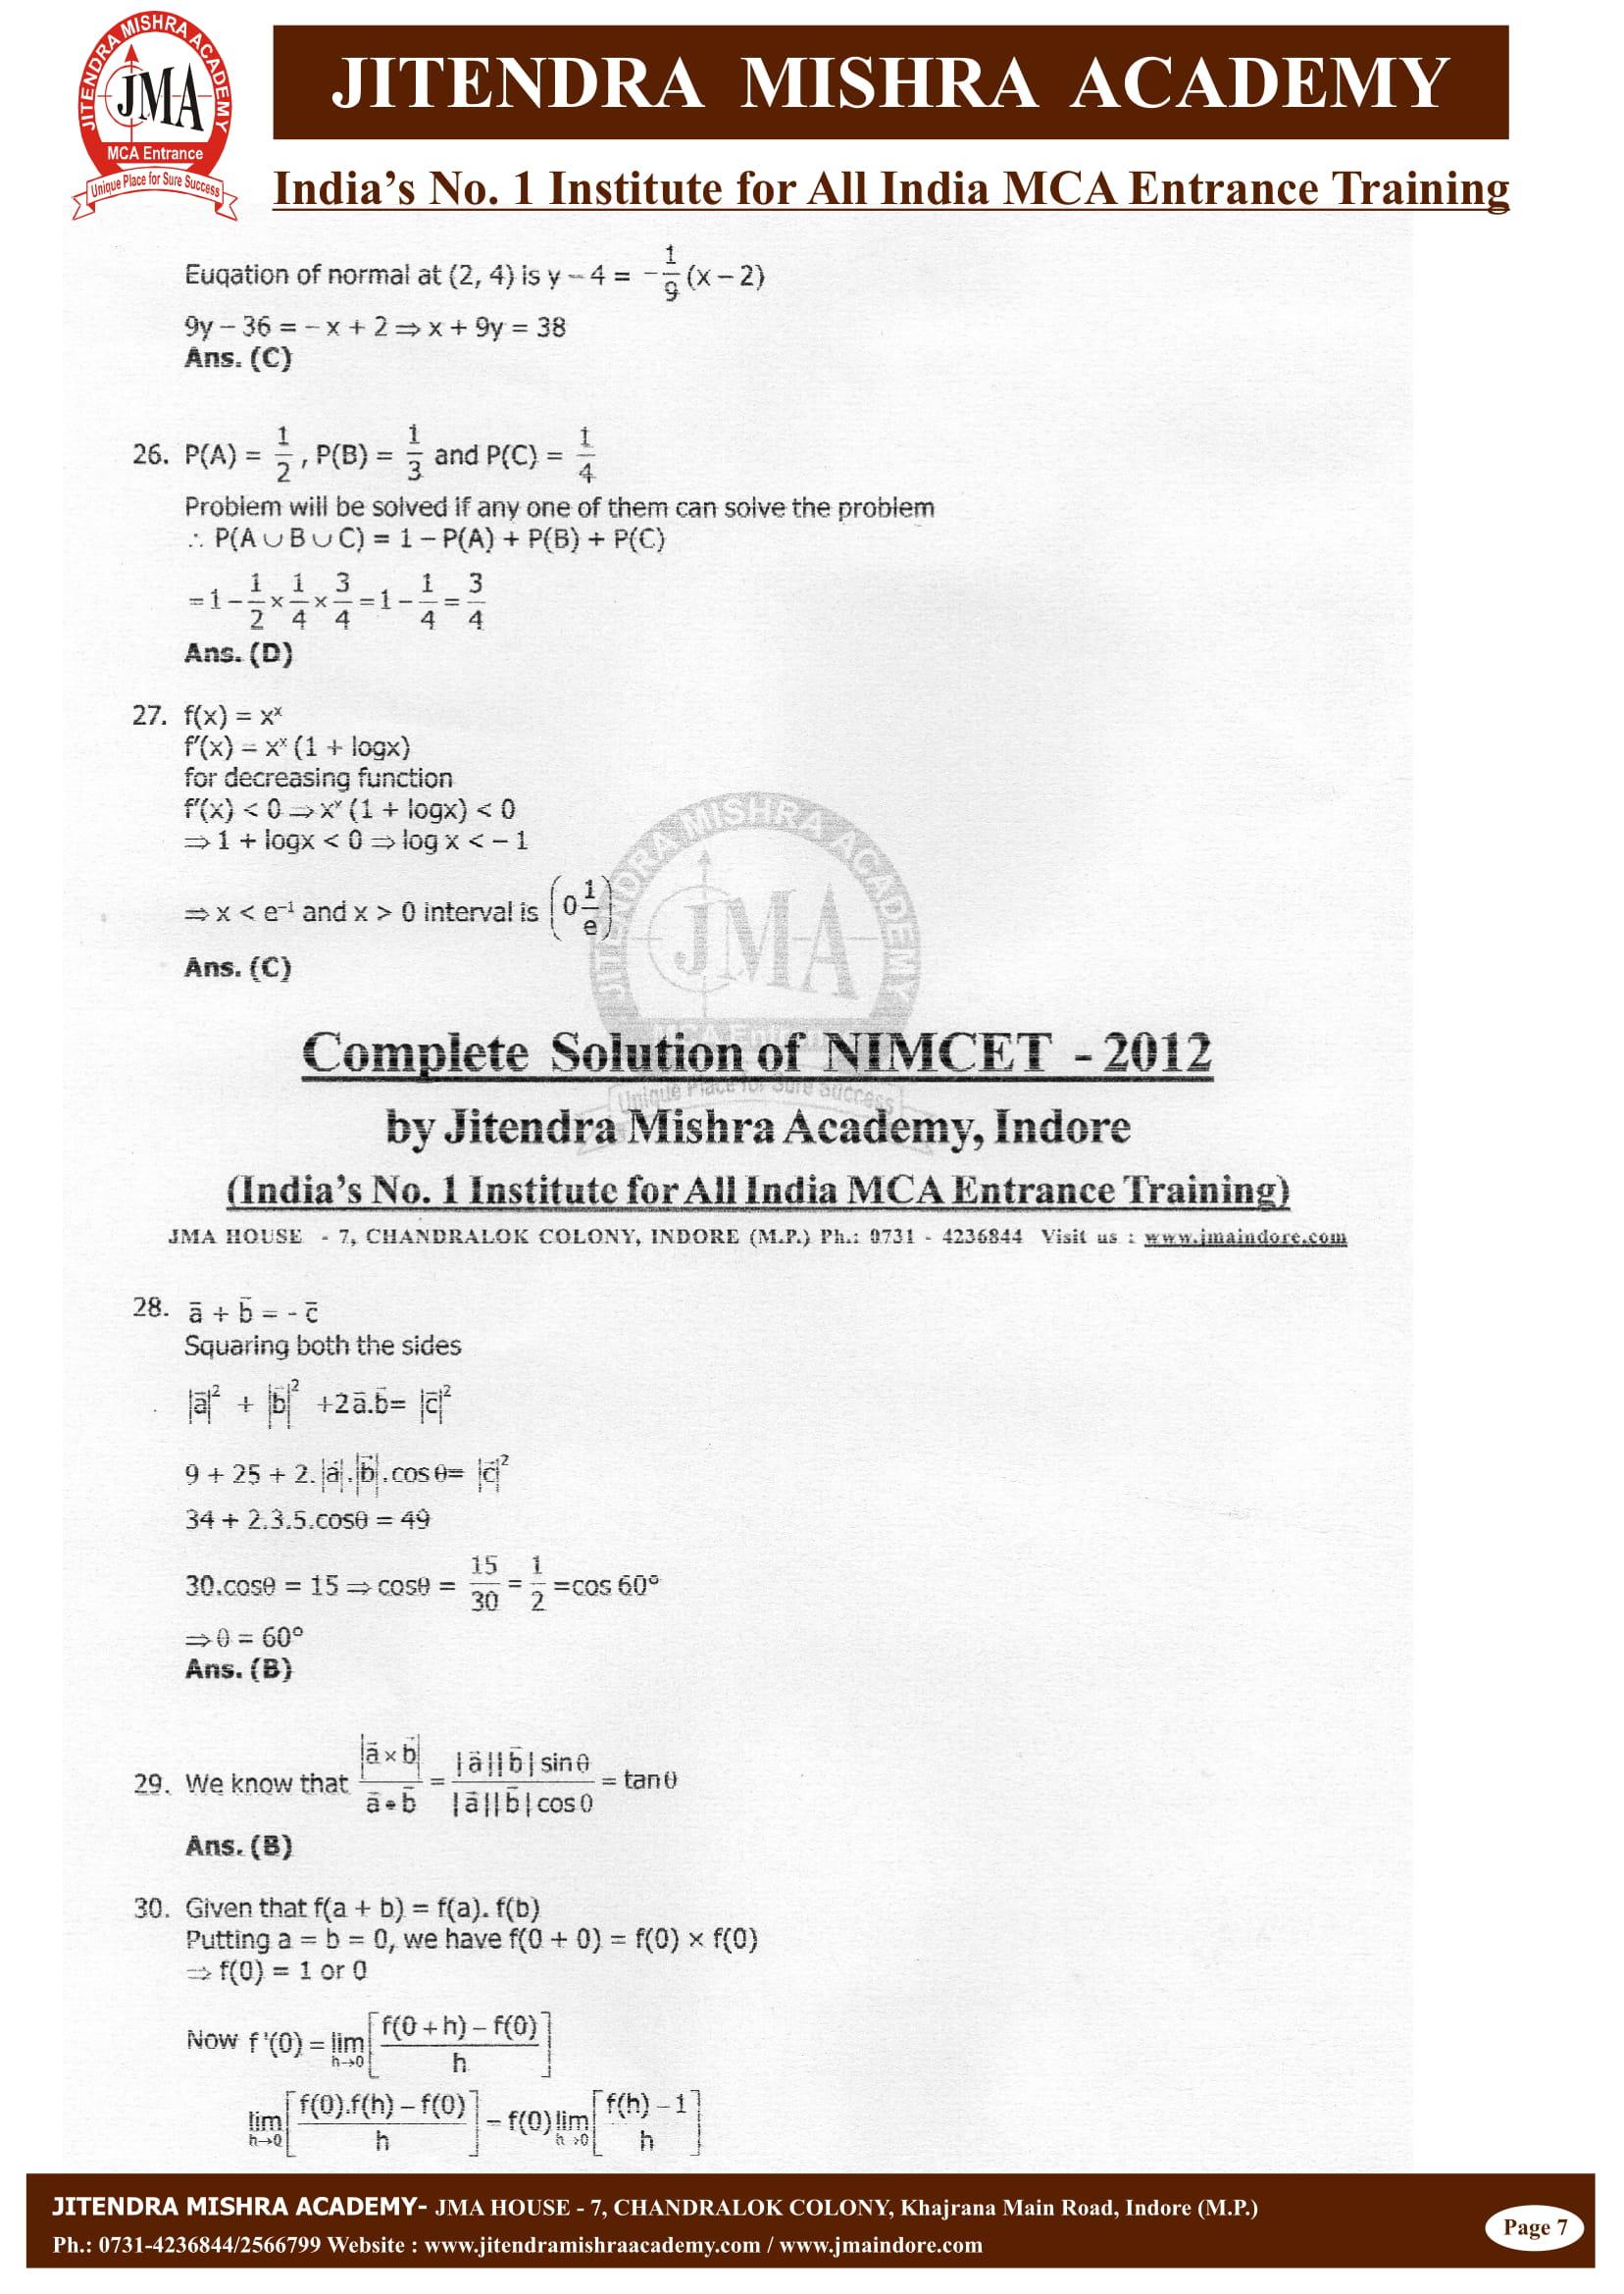 NIMCET - 2012 (SOLUTION)-07